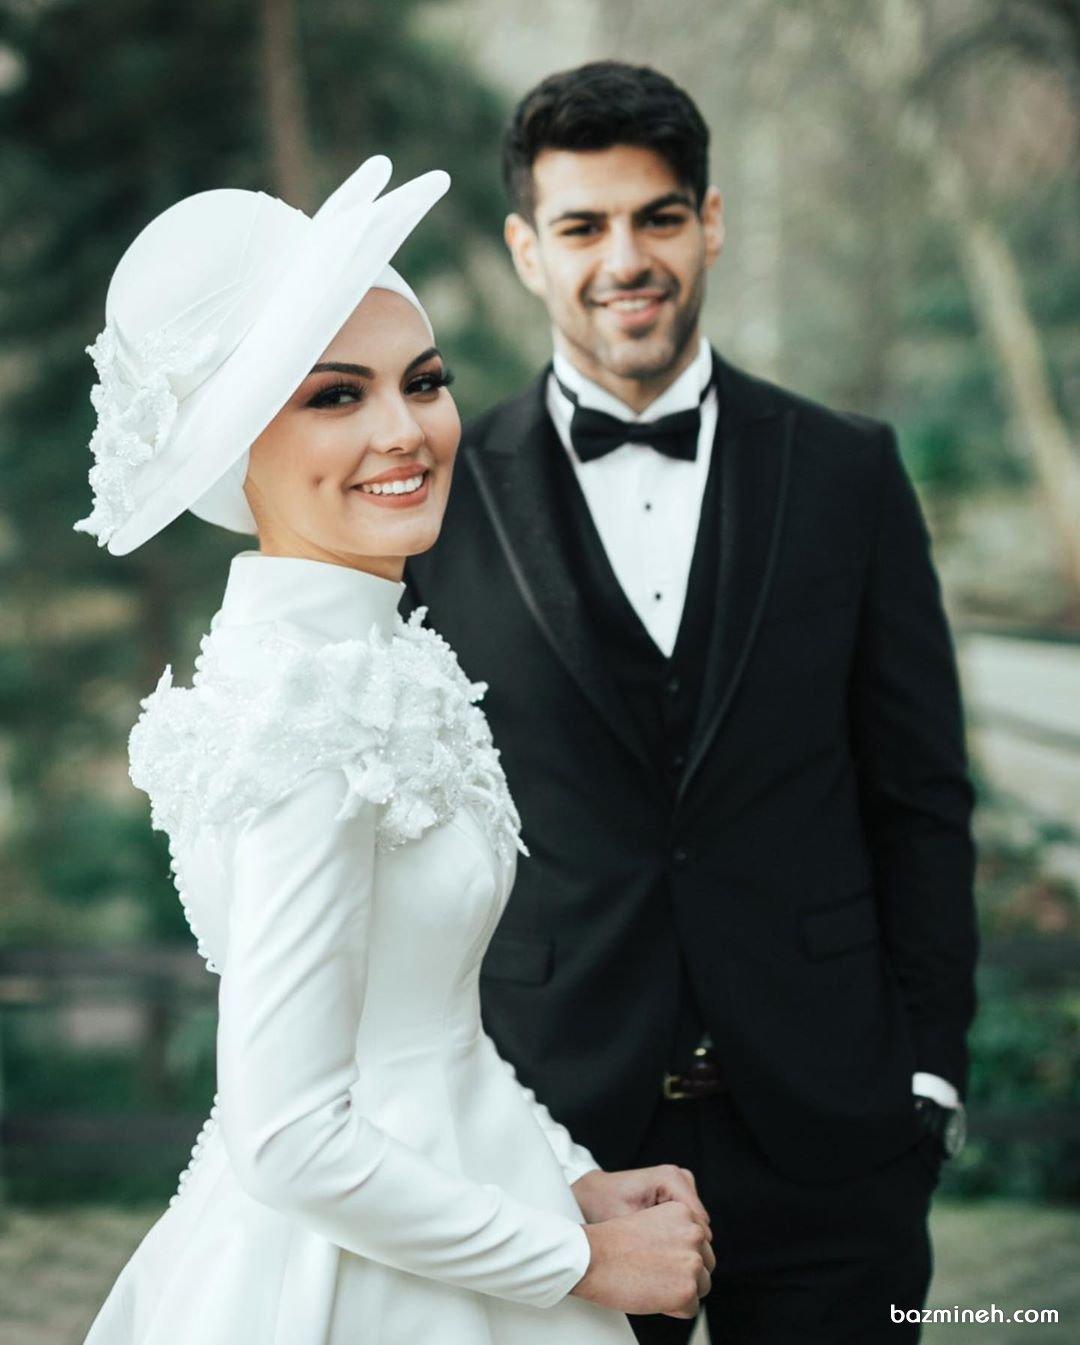 لباس عقد پوشیده با کلاه سفید مناسب عروس خانمهای محجبه